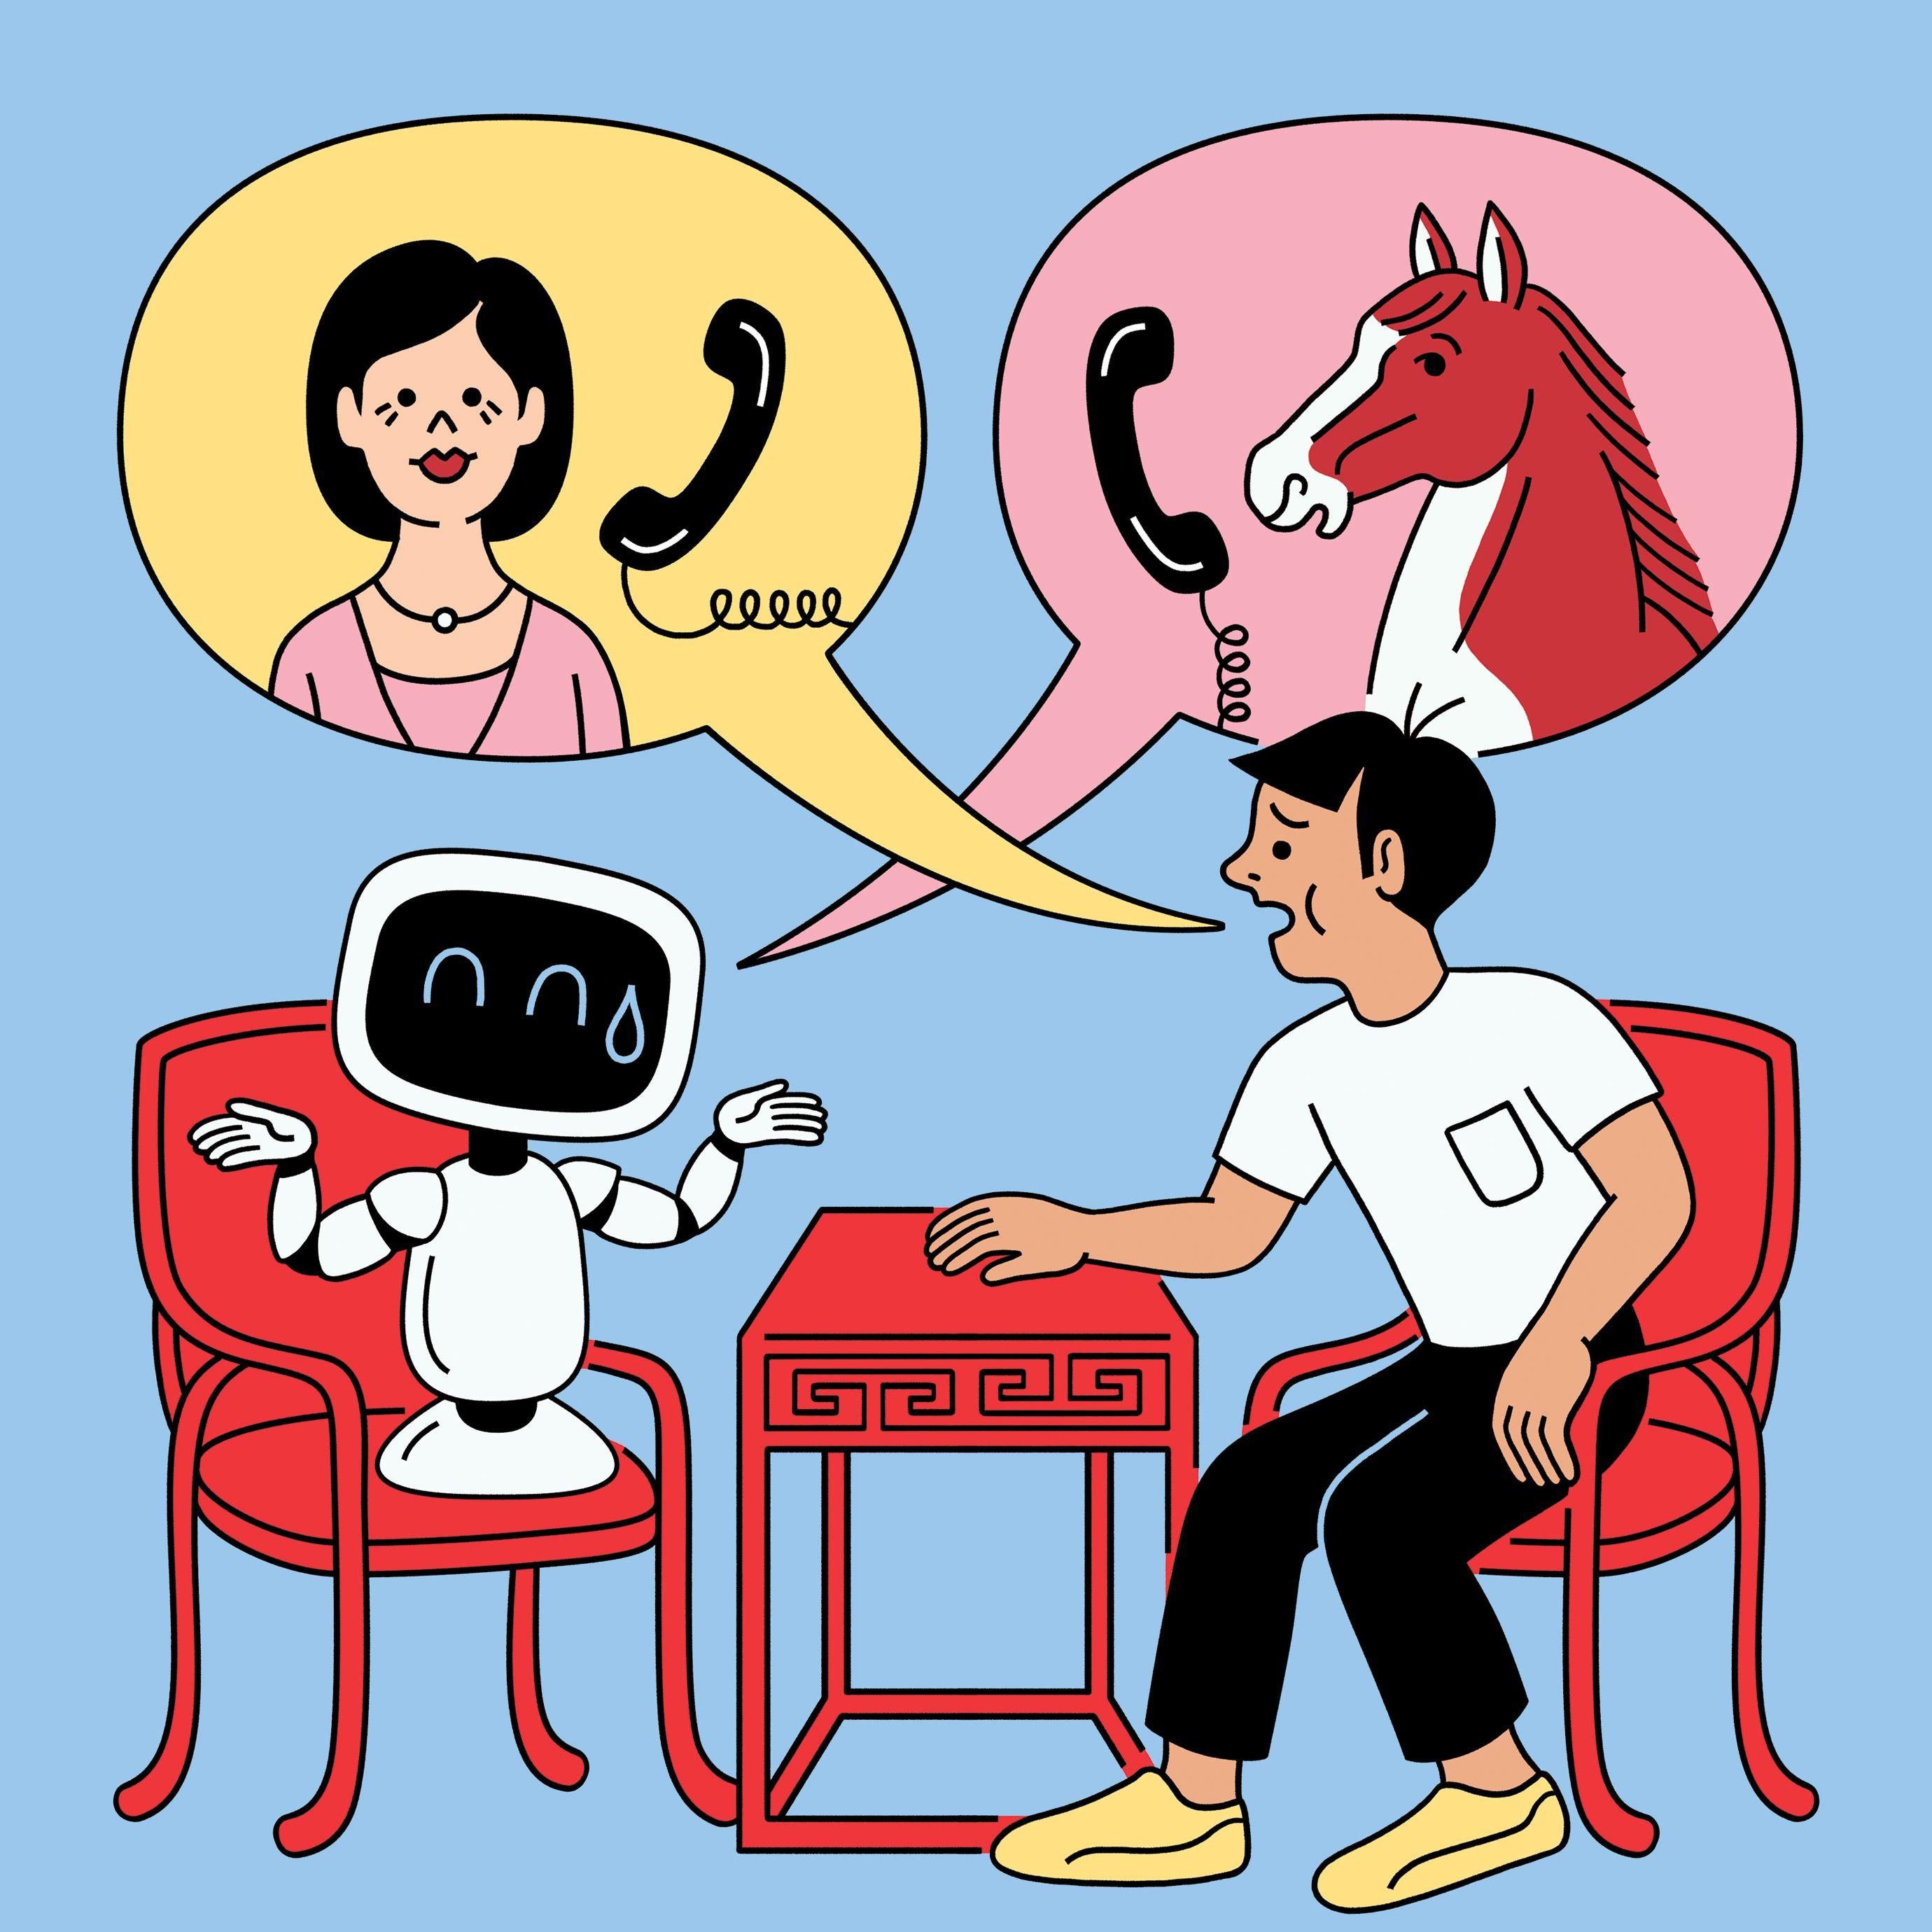 中国で音声アシスタントが 大ブレイクする可能性 日本はどうなる?